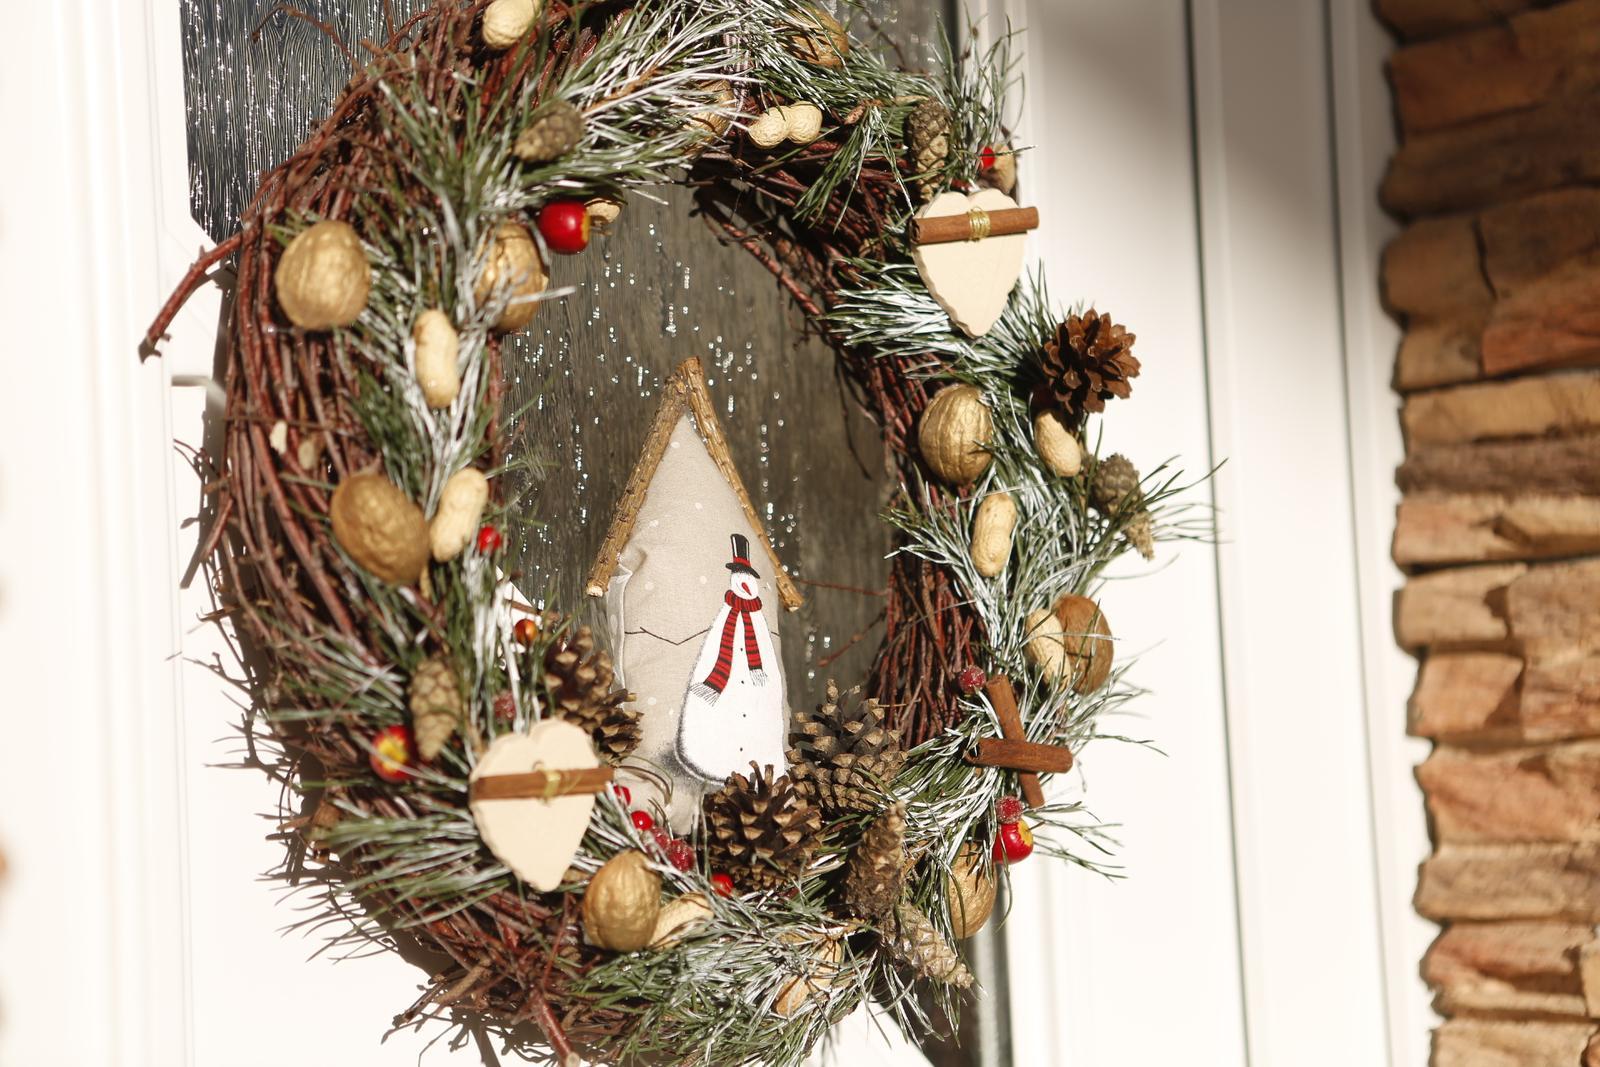 Hlinené dekorácie - Malé hlinené srdiečka na adventnom venci. NEvidno ich velmi  :( na tejto foto. Uviazana bola na nich aj cela skorica.